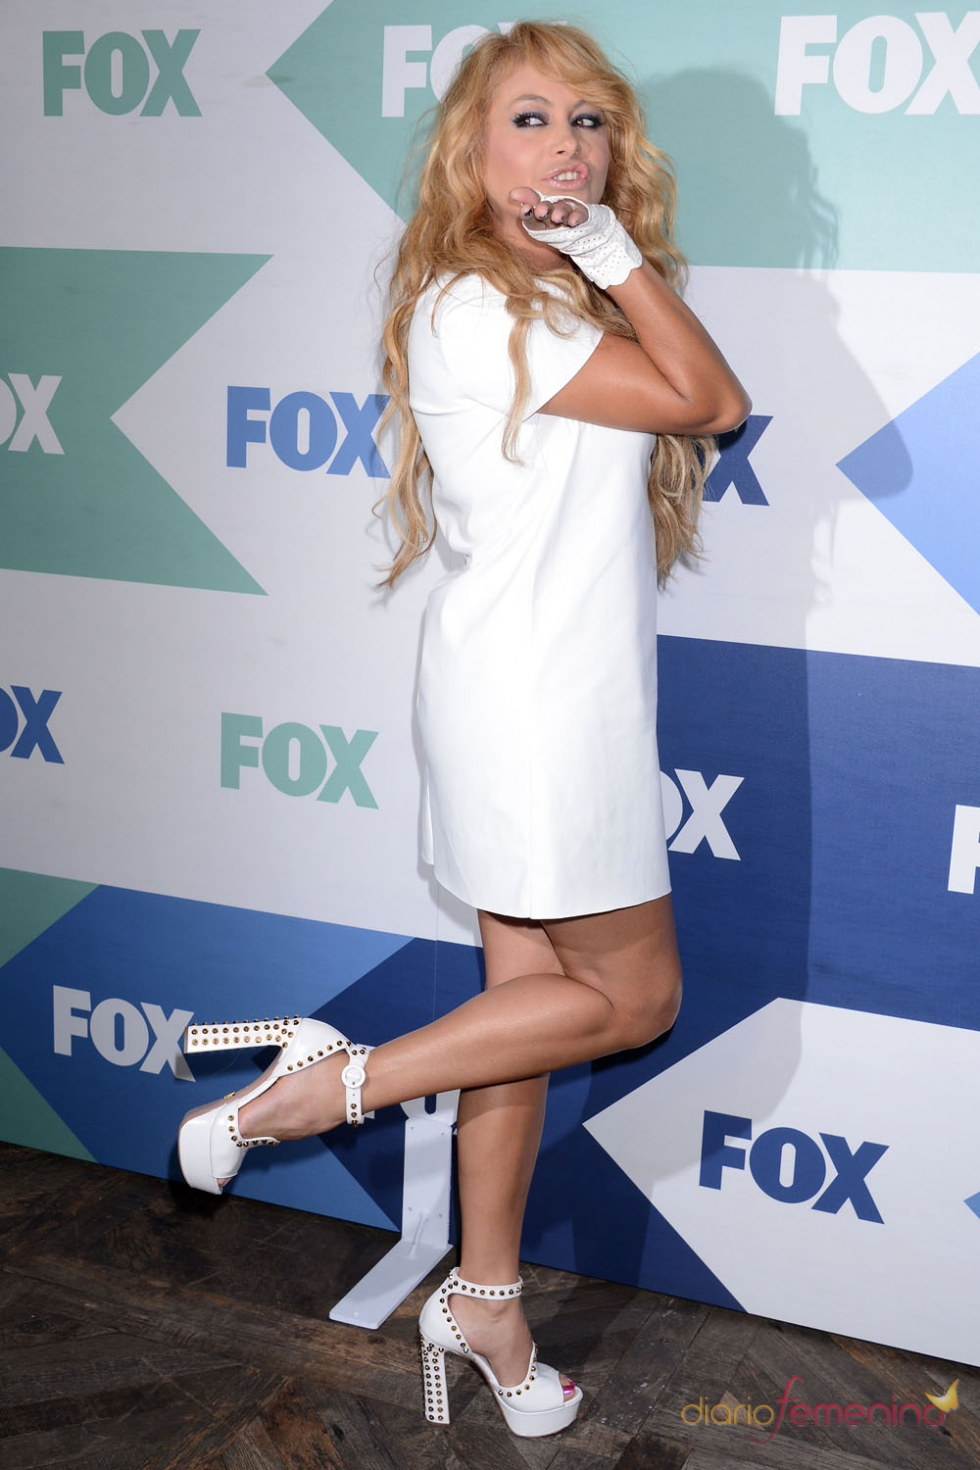 Paulina Rubio en la fiesta de la cadena de televisión FOX en California